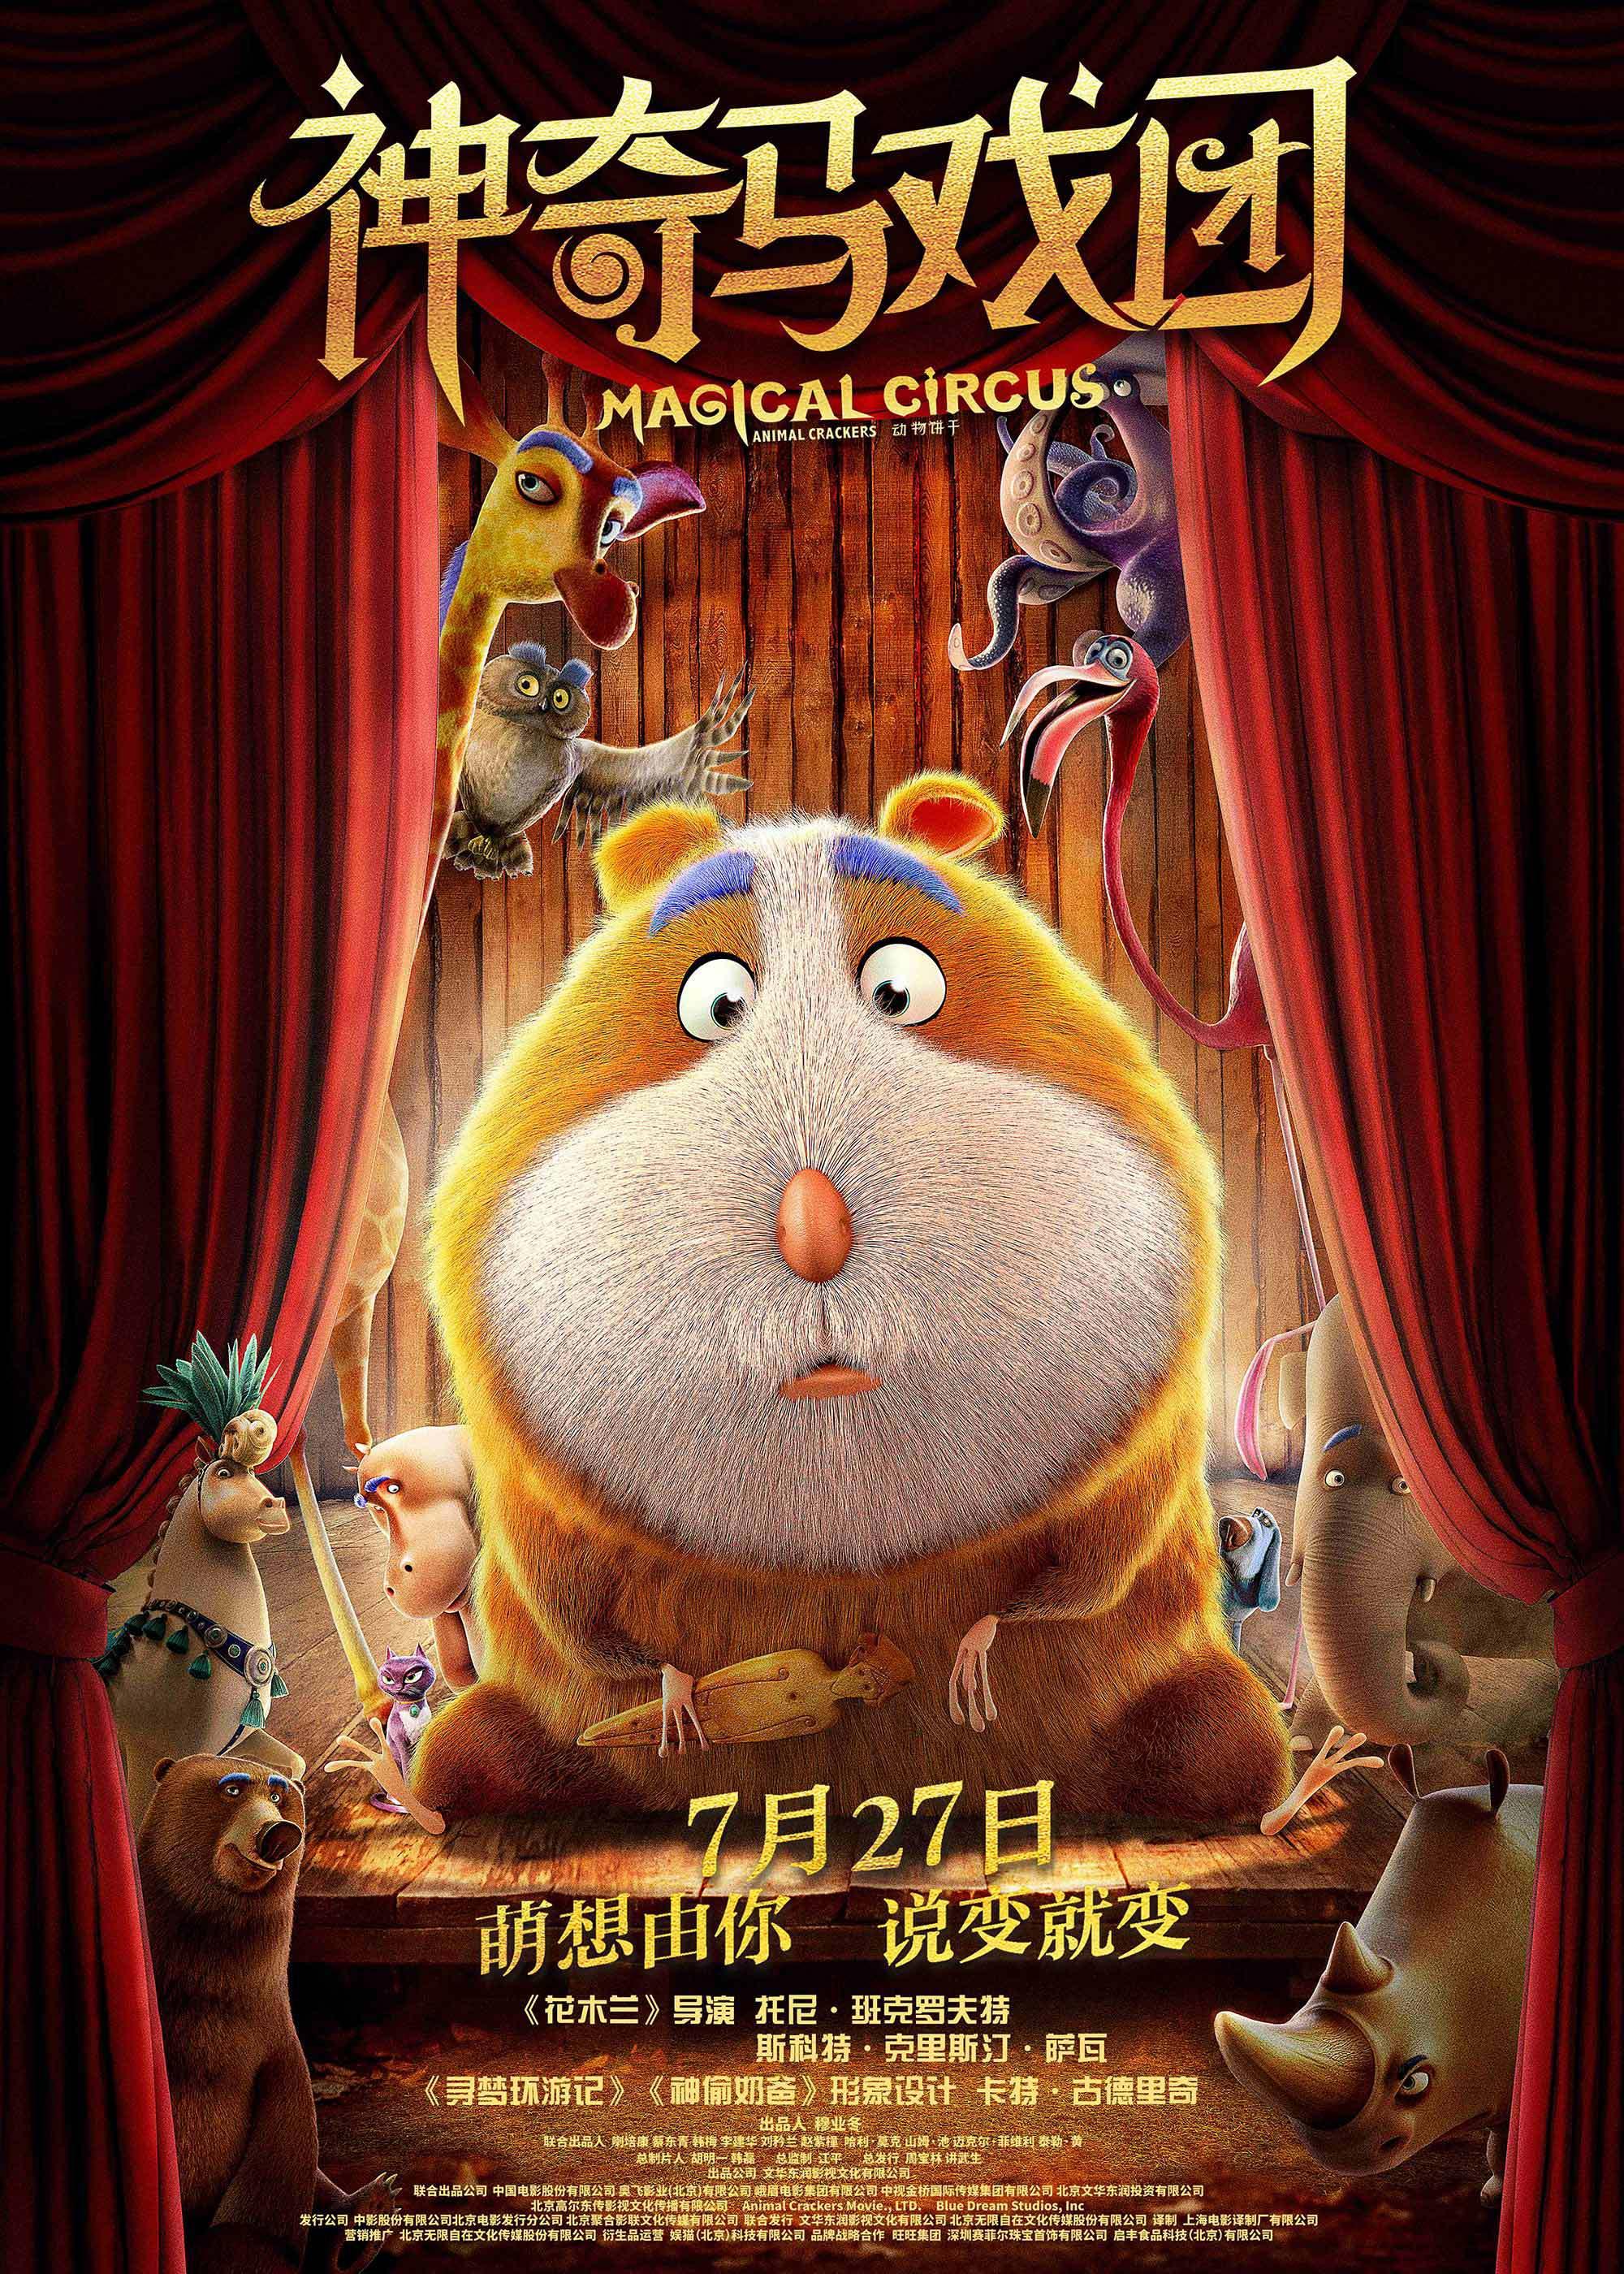 《神奇马戏团》定档7.27 推广曲《大人们都在玩手机》今日发布